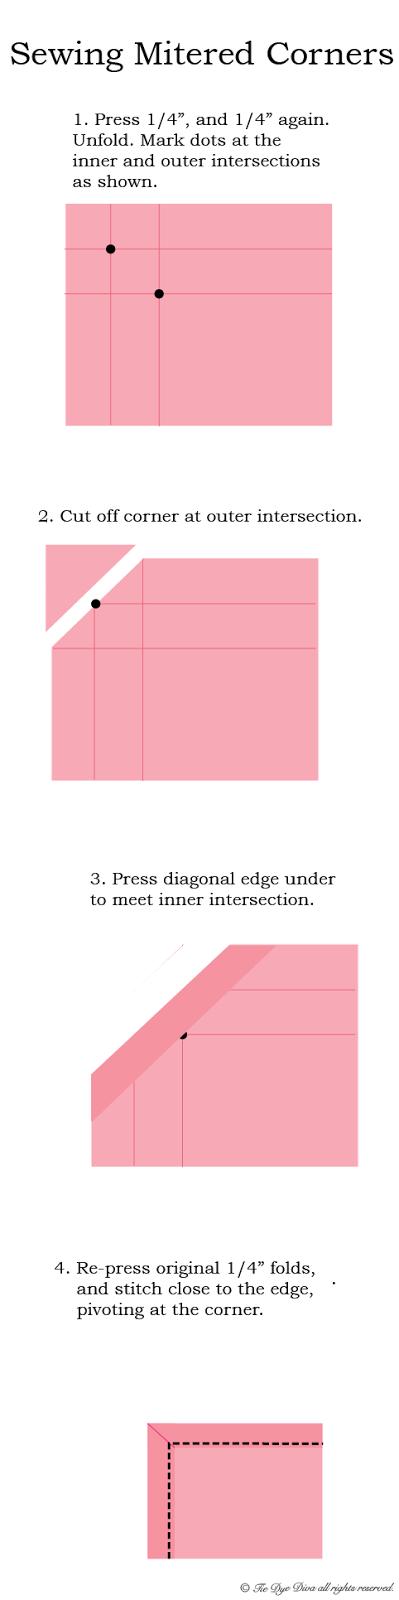 mitered corners